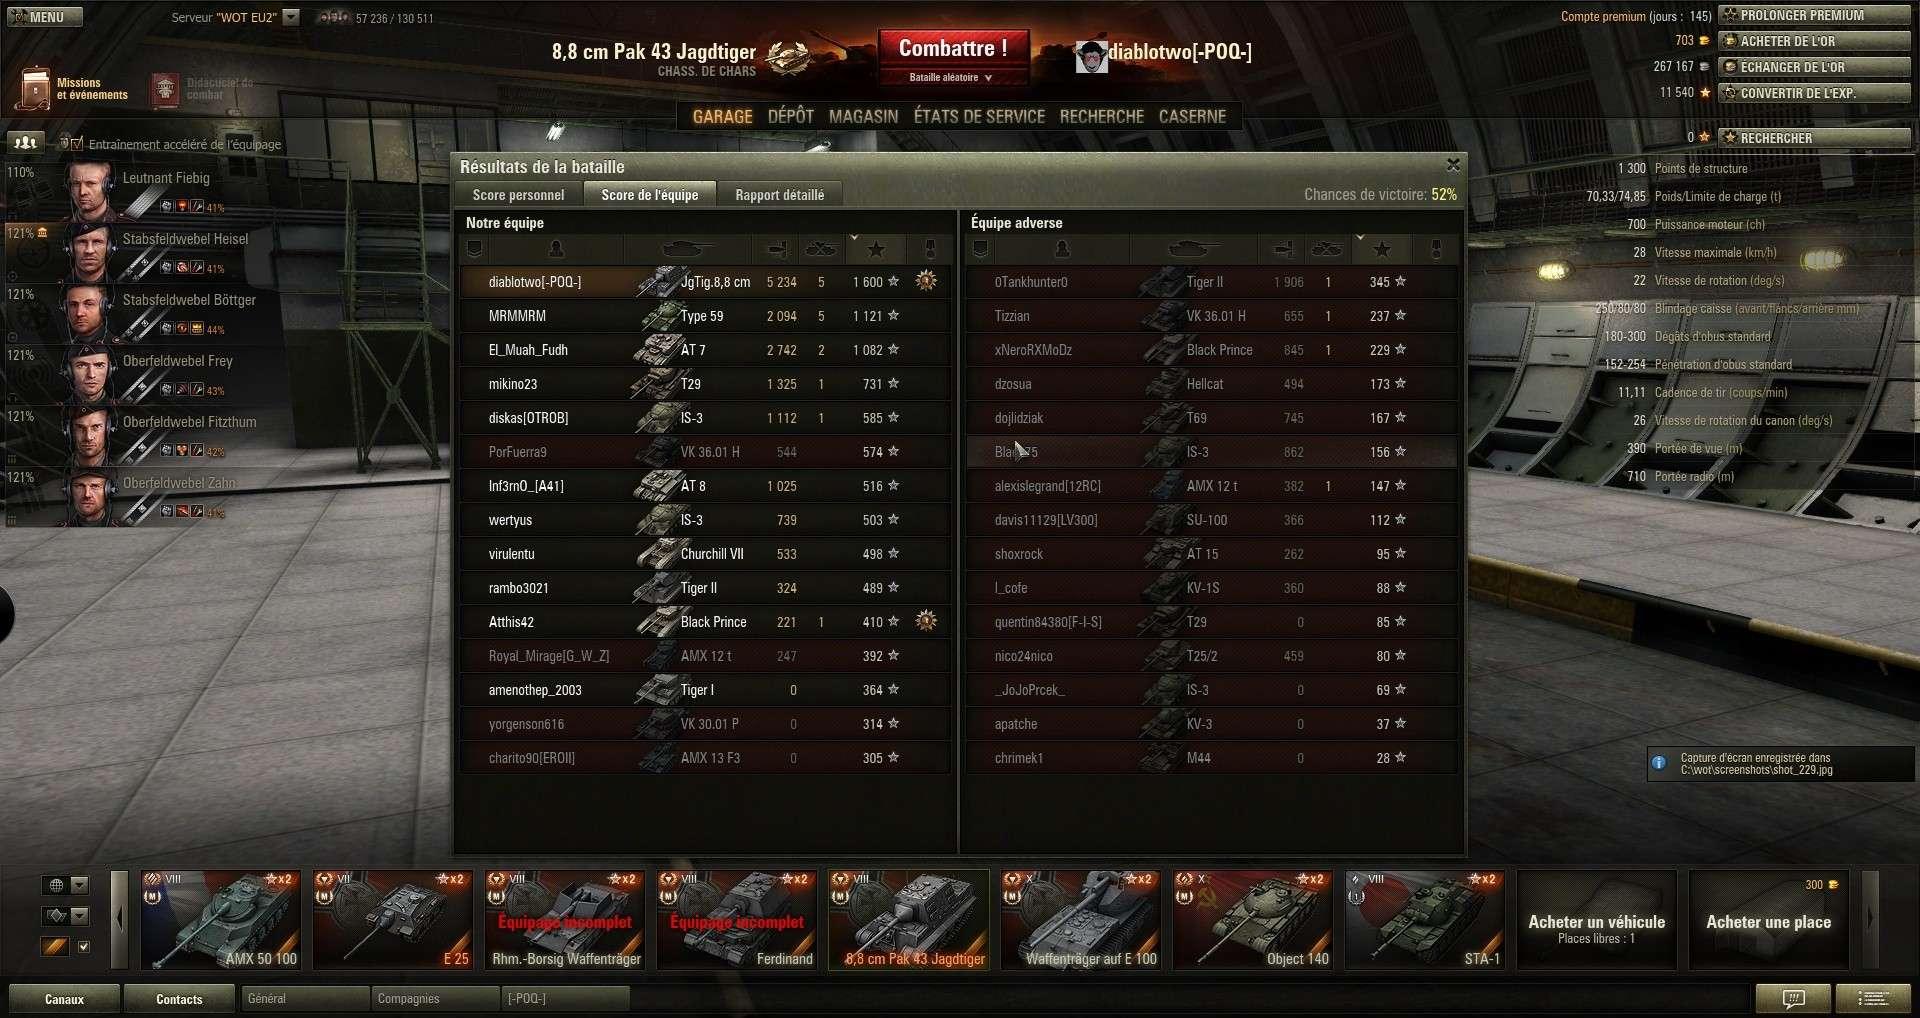 Jag Tiger 8.8 Shot_220